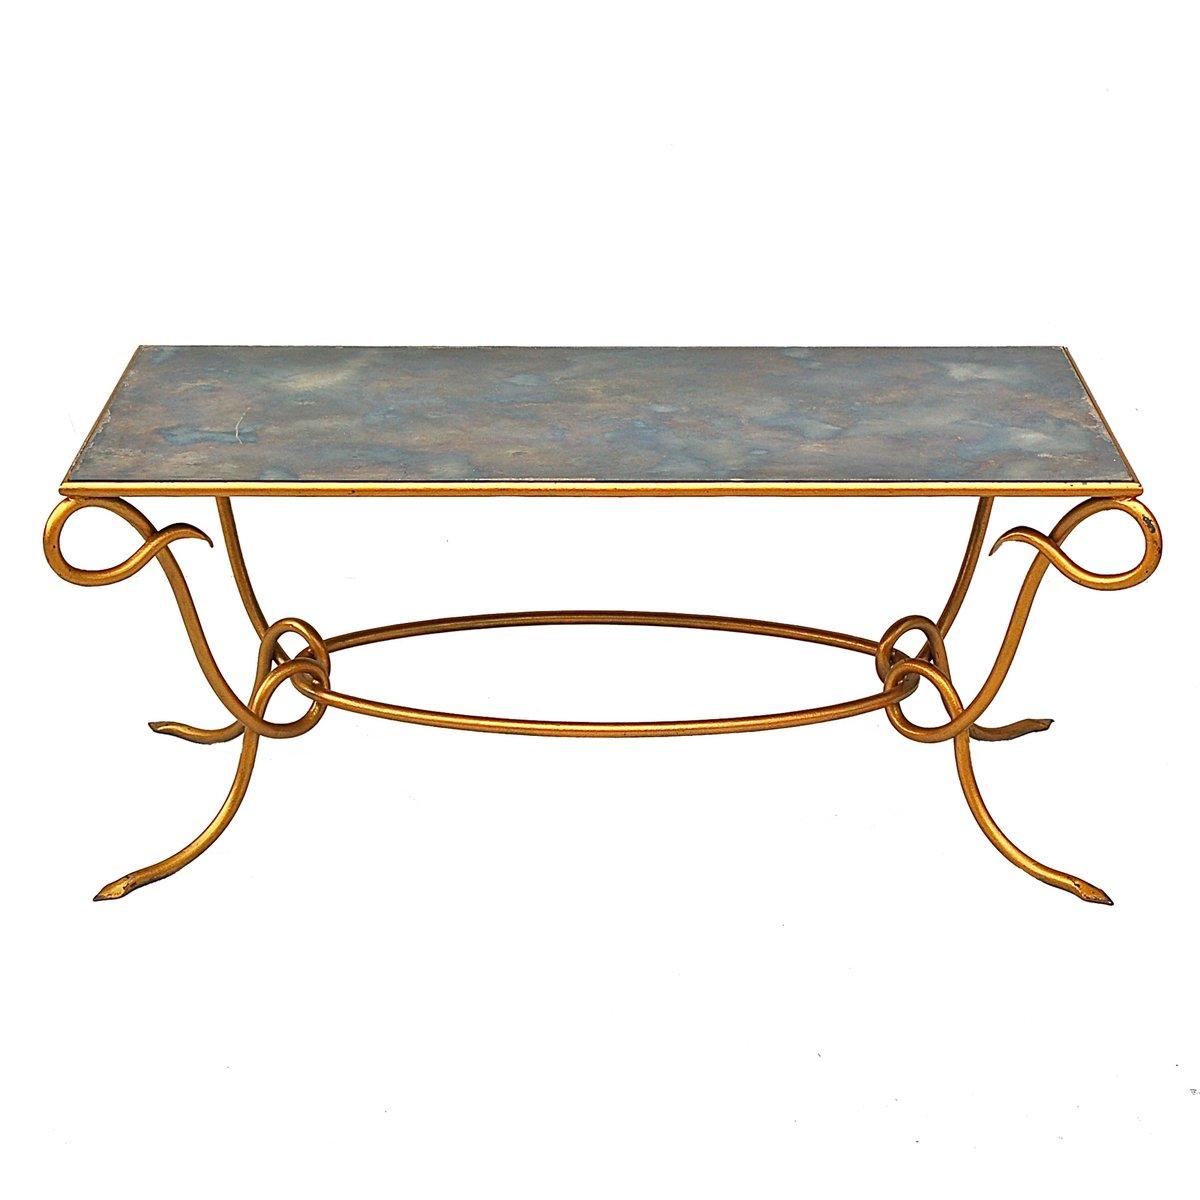 Table Basse Miroir Dorée par René Drouet, France, 1960s en vente sur ... 5e9035b61096